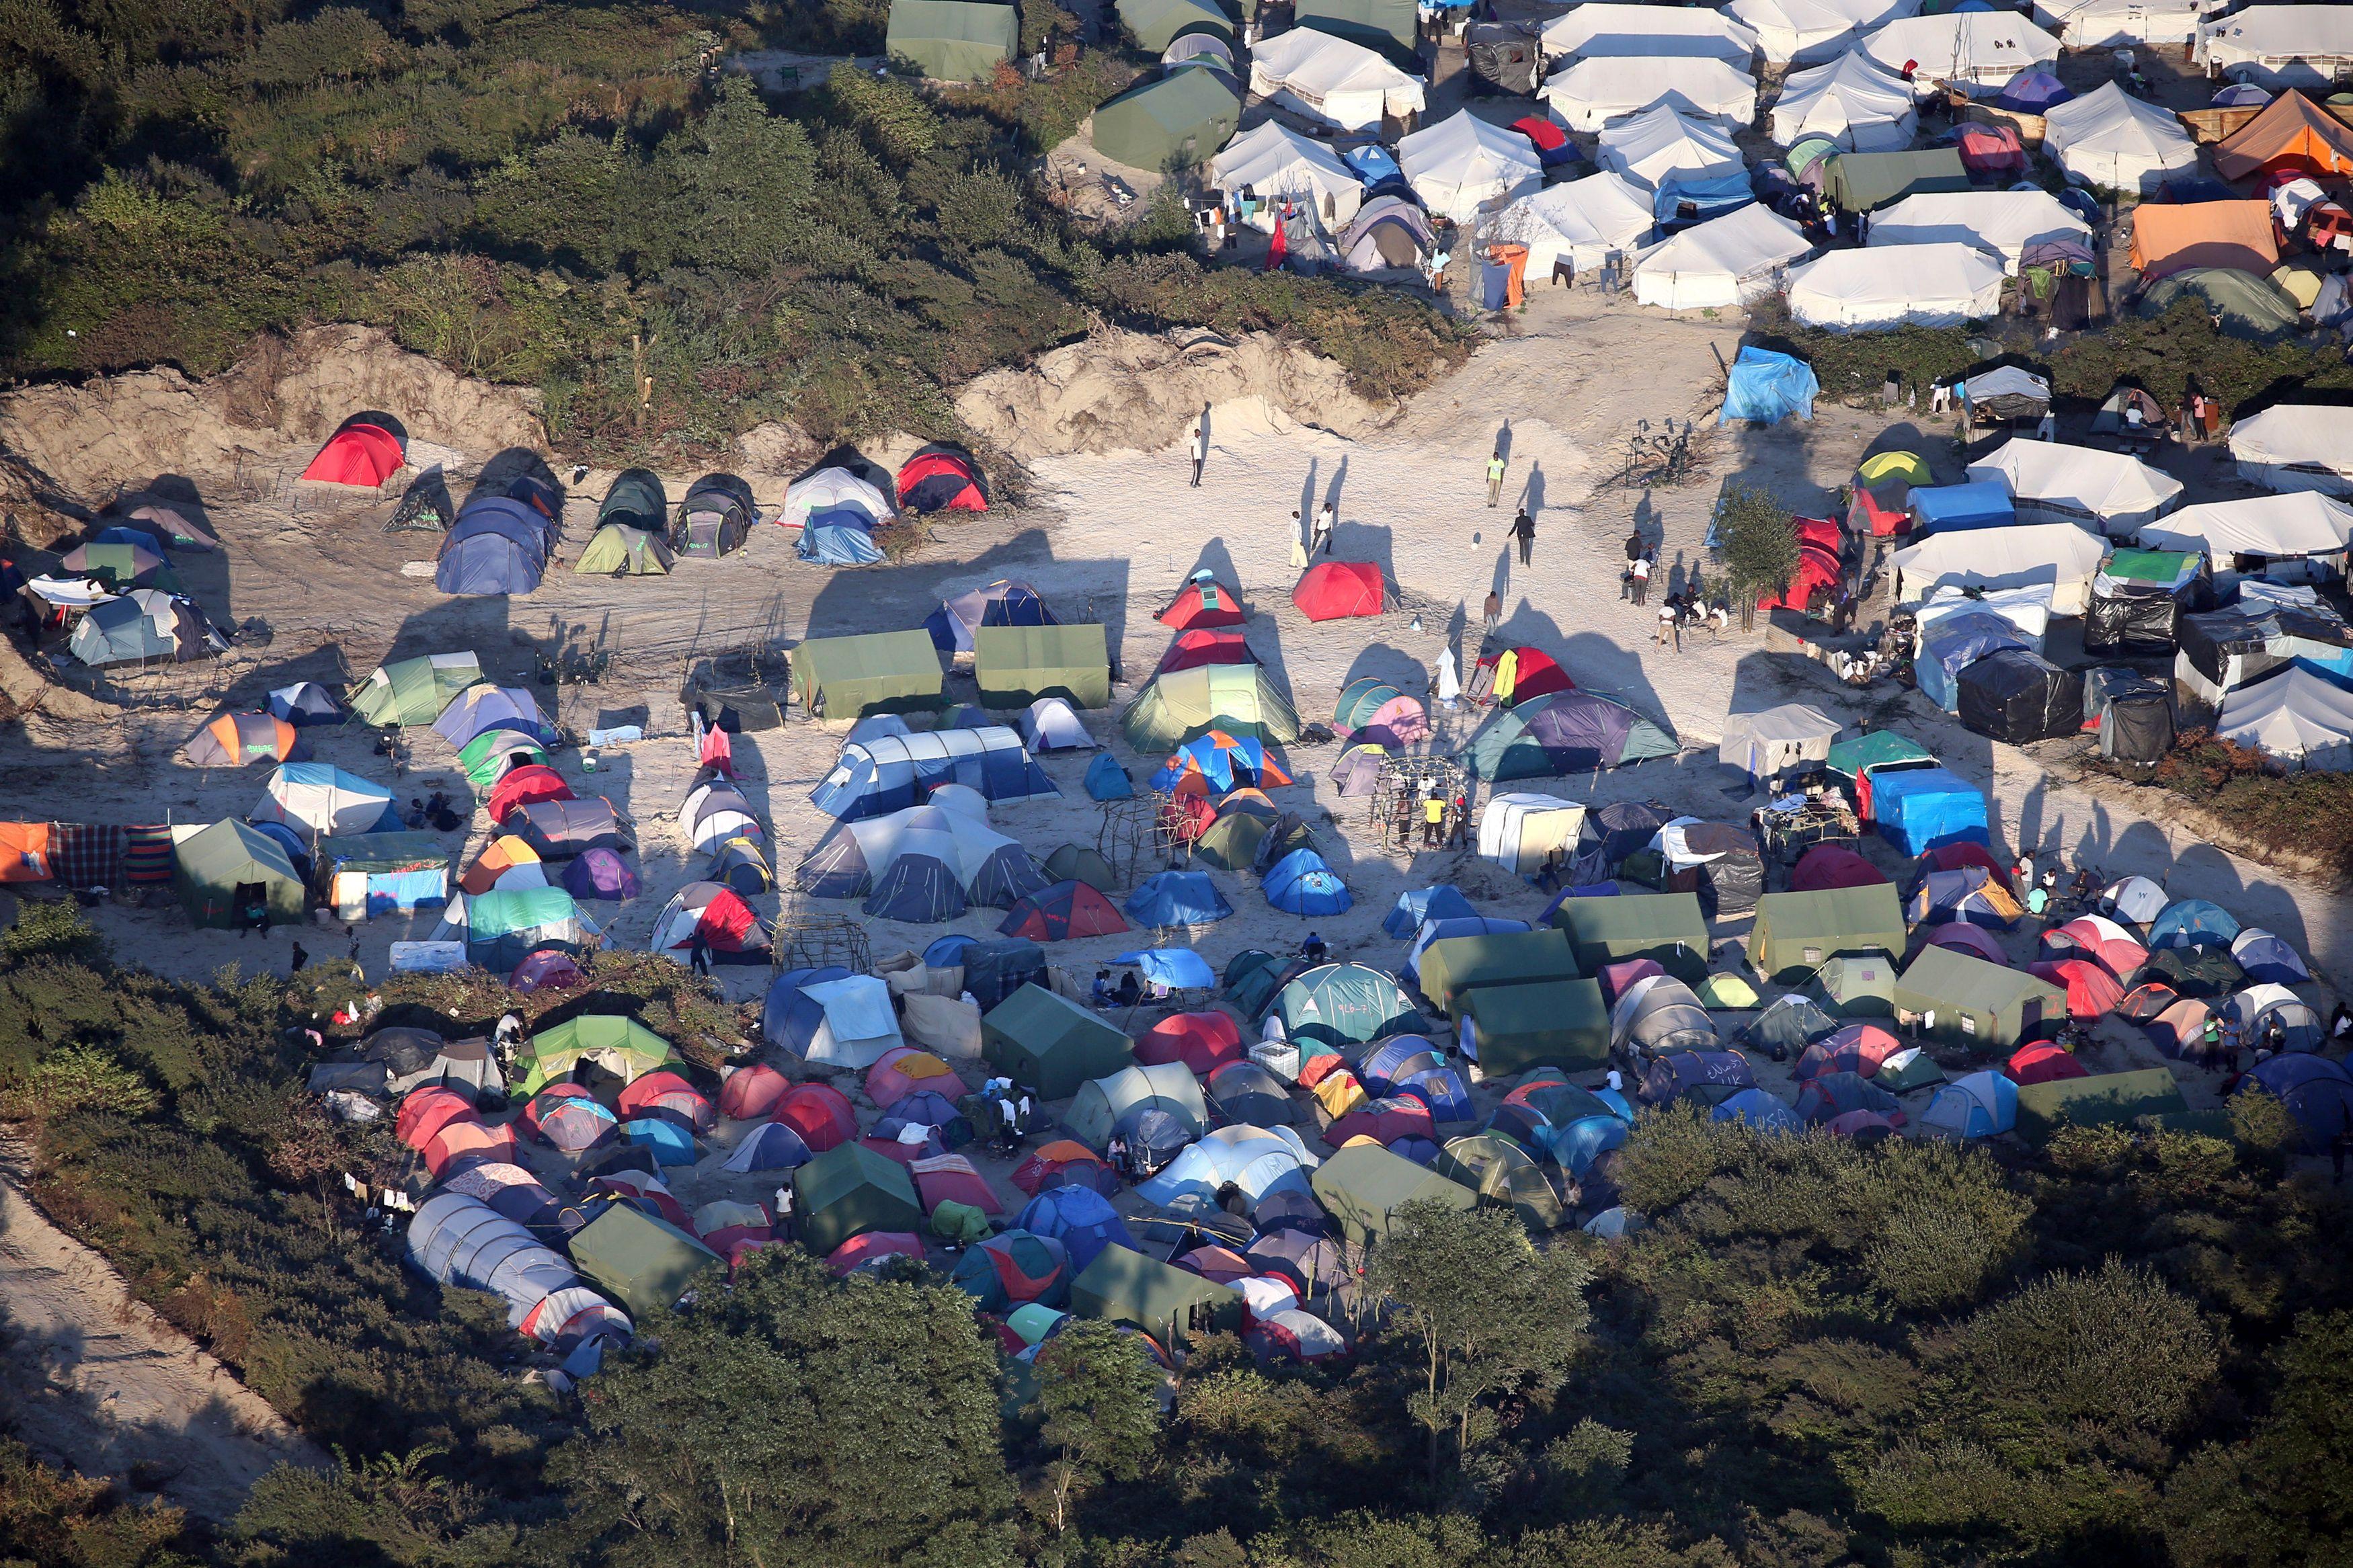 Calais : 1470 migrants expulsés de France depuis janvier, selon le ministère de l'Intérieur